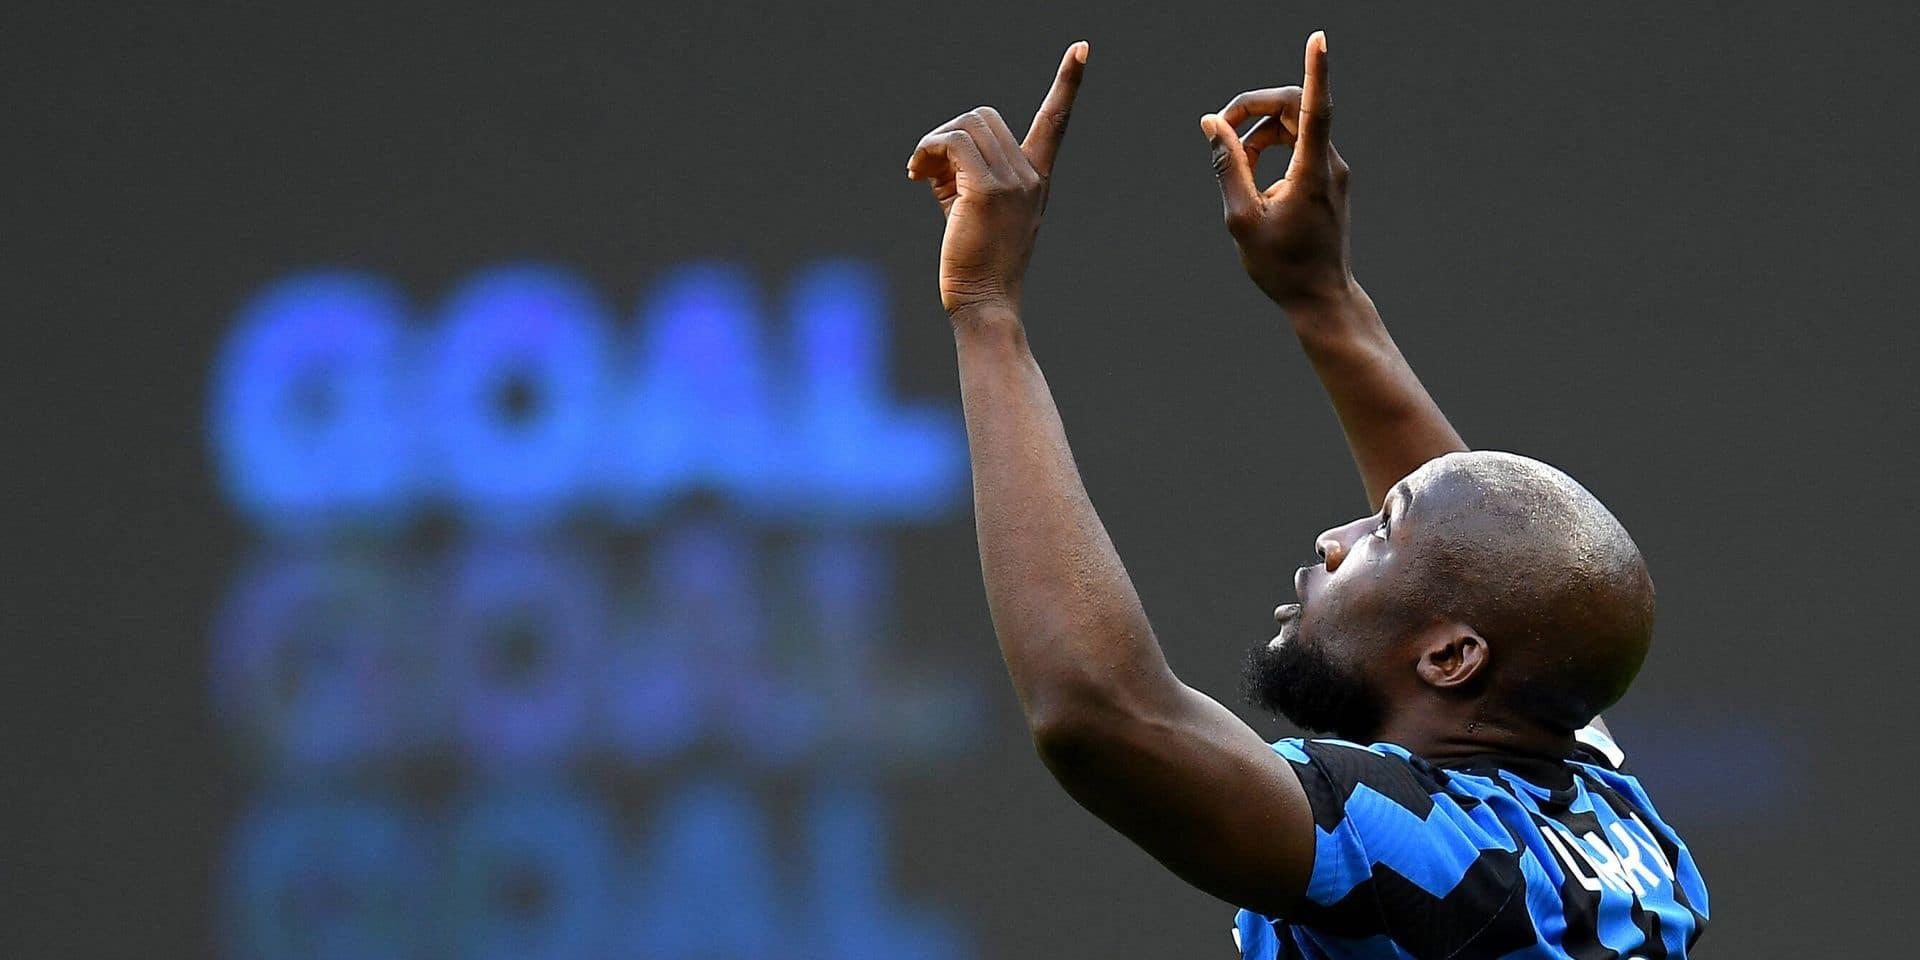 Db Milano 07/04/2021 - campionato di calcio serie A / Inter-Sassuolo / foto Daniele Buffa/Image nella foto: esultanza g